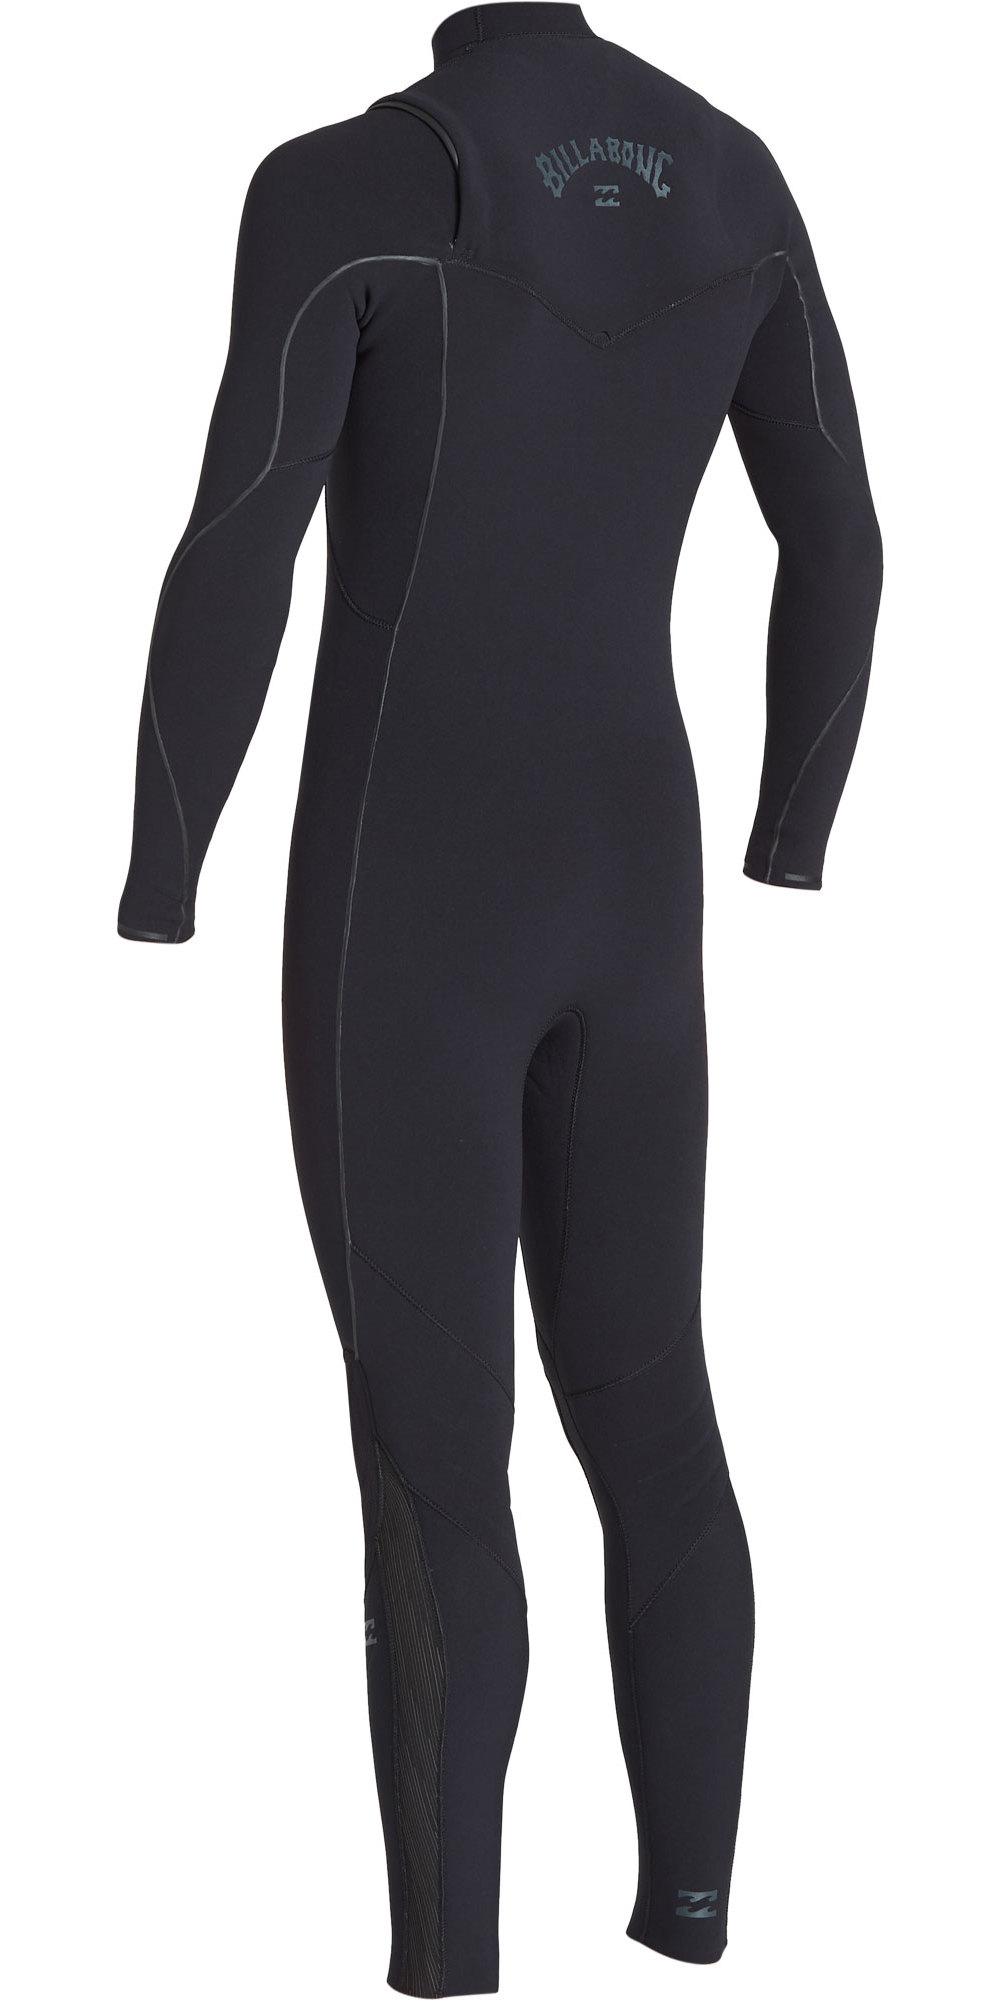 2019 Billabong Mannen Furnace Comping 5/4mm Zip Free Wetsuit Zwart Q45m05